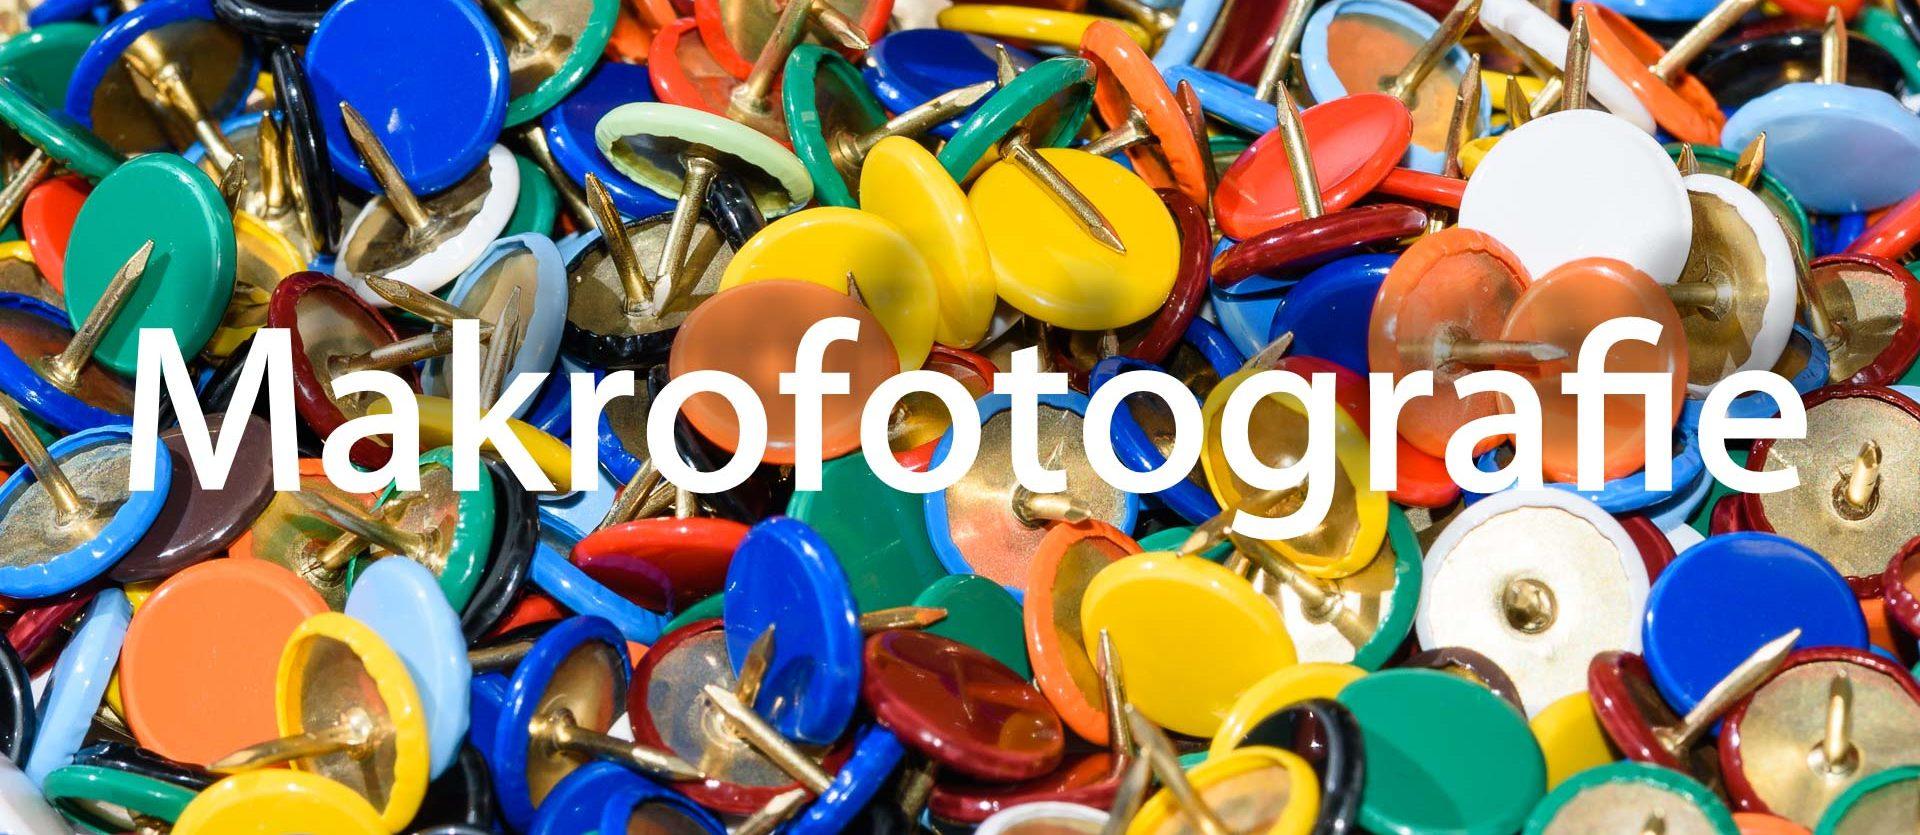 Makrofotografie: was ist das, wie geht das? Teil 6, Strukturen/Texturen.